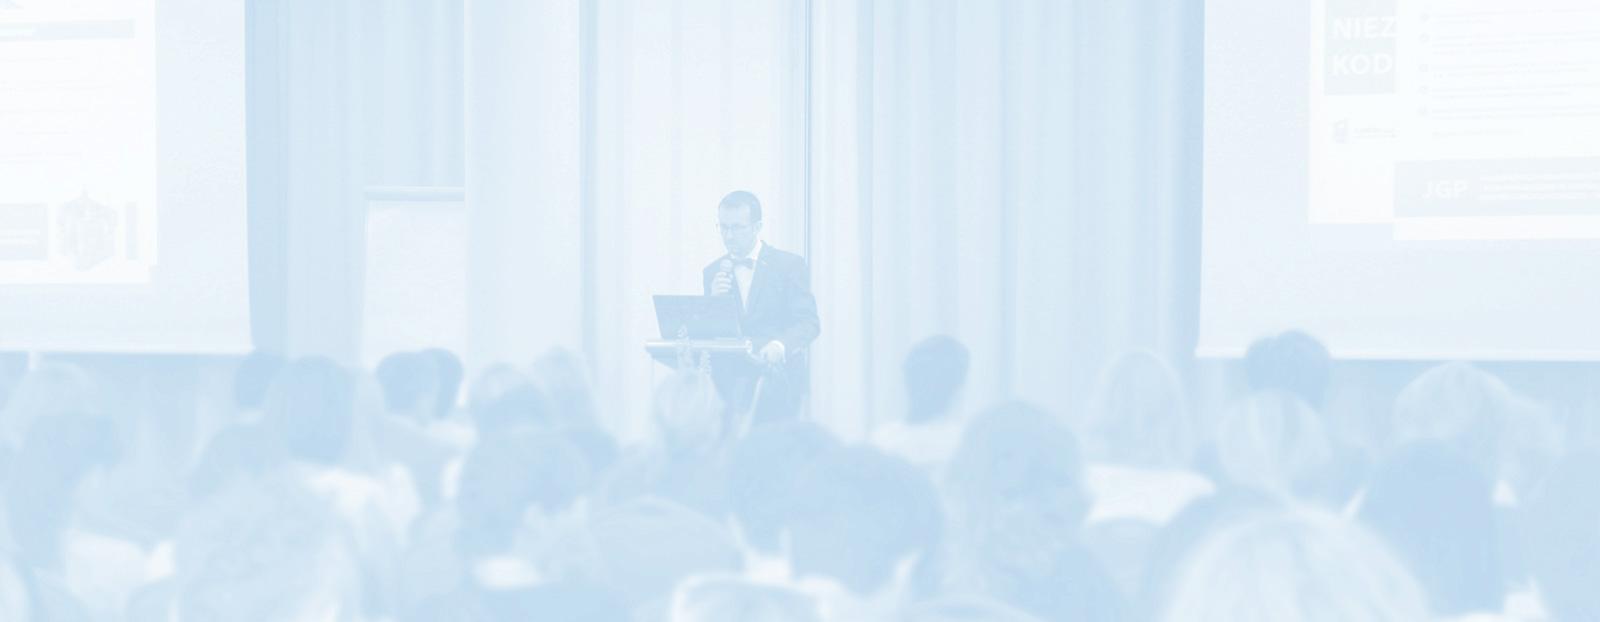 V Ogólnopolska konferencja pn.: Ewidencja świadczeń zdrowotnych podstawą bezpieczeństwa prawno-finansowego placówki medycznej